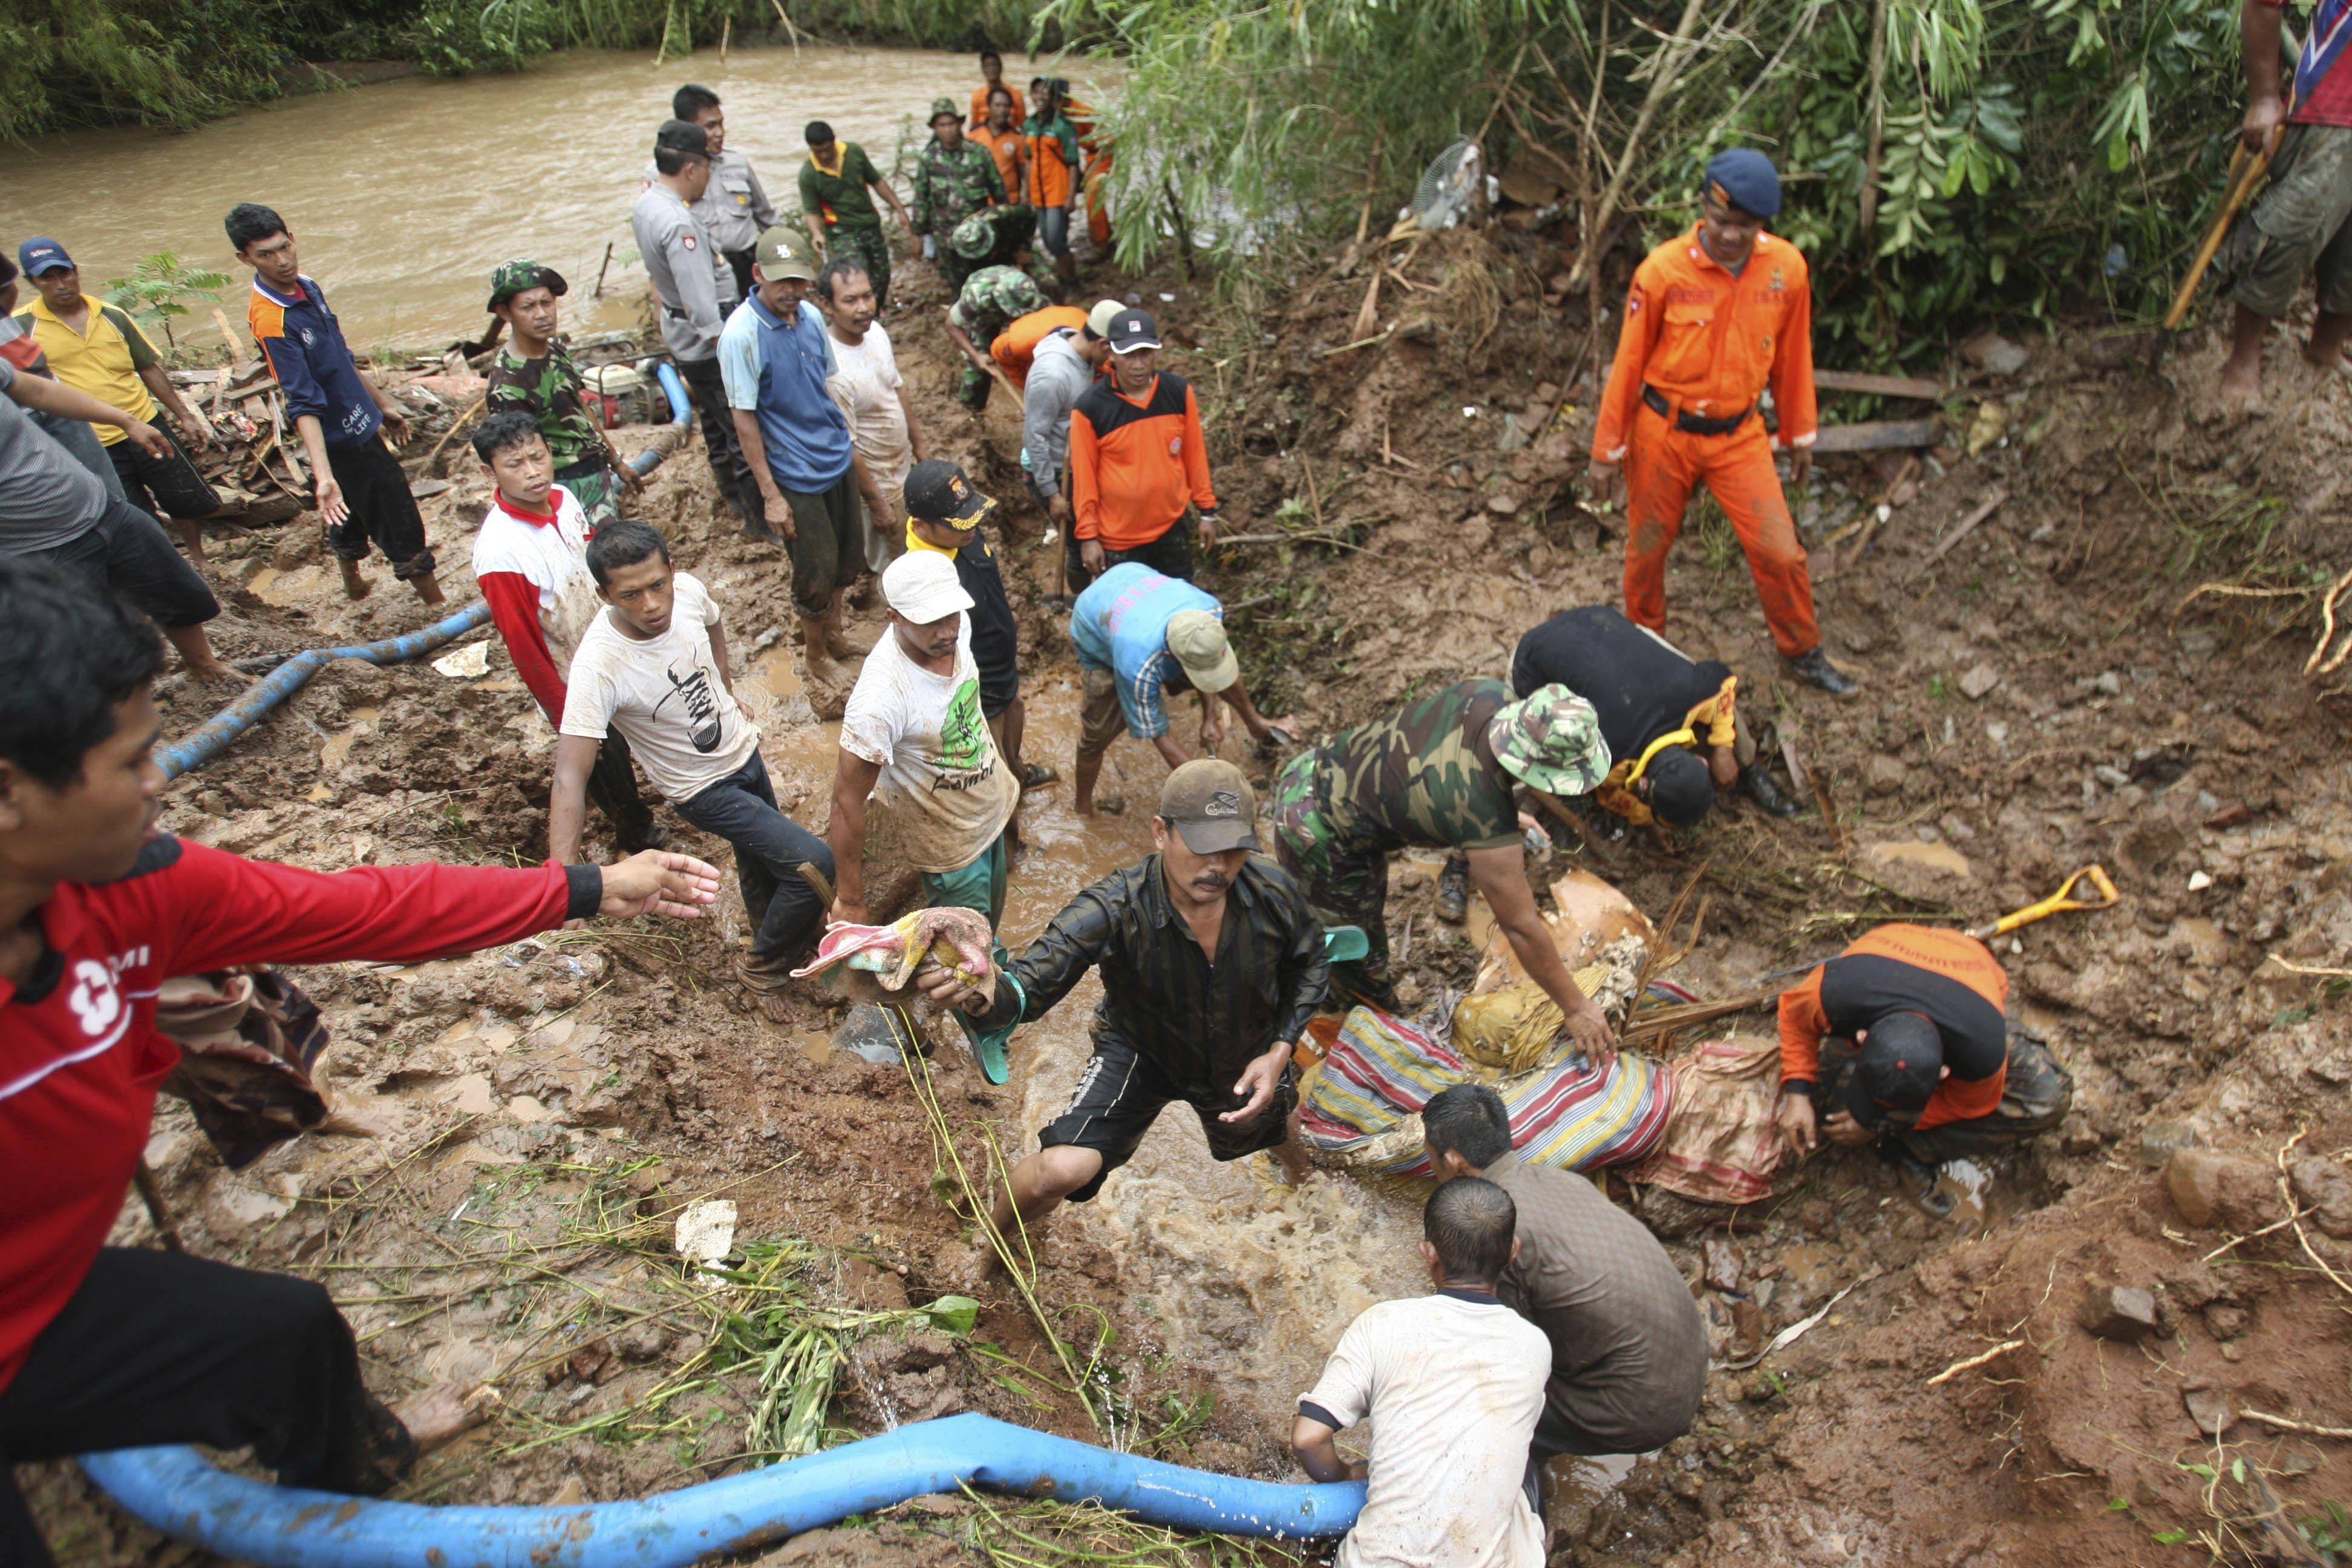 Lở đất khiến 18 người thiệt mạng ở Indonesia 1